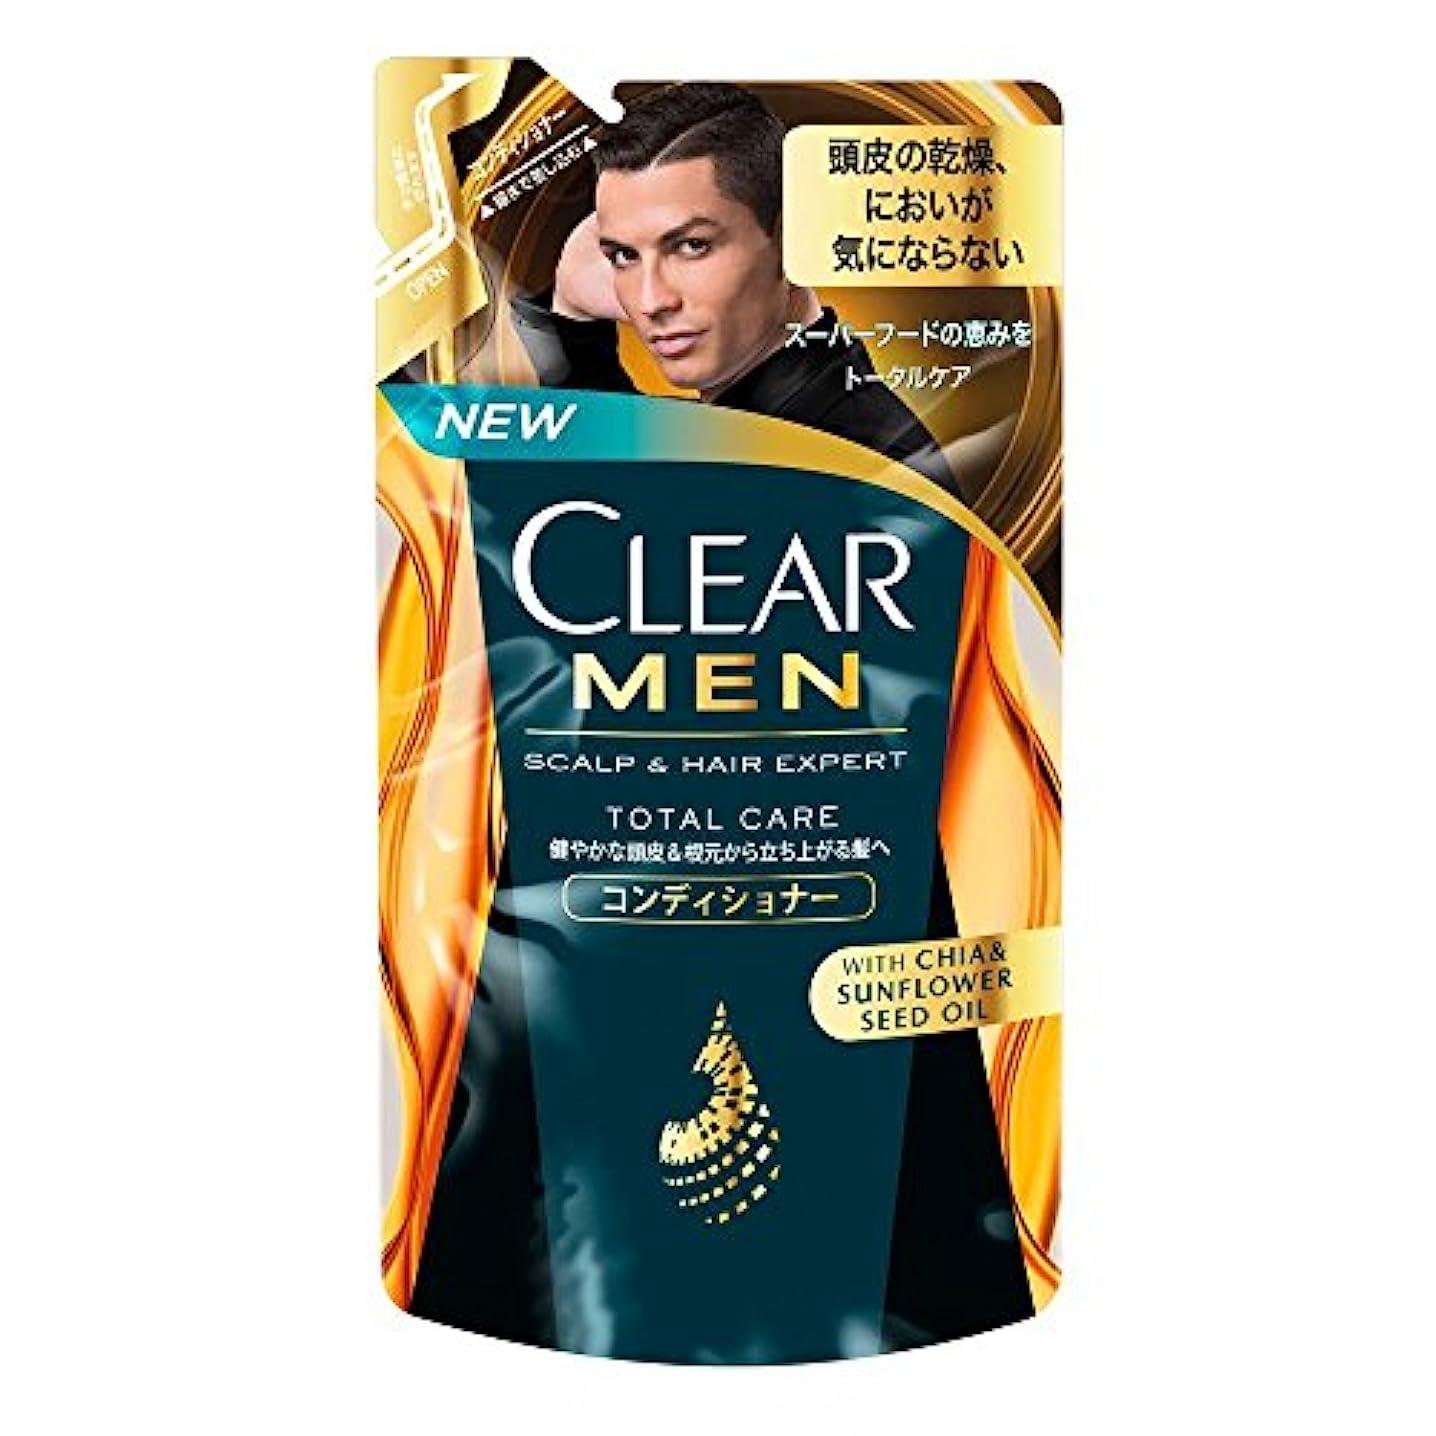 神のシェアアイデアクリア フォーメン トータルケア 男性用コンディショナー つめかえ用 (健やかな頭皮へ) 280g × 5個